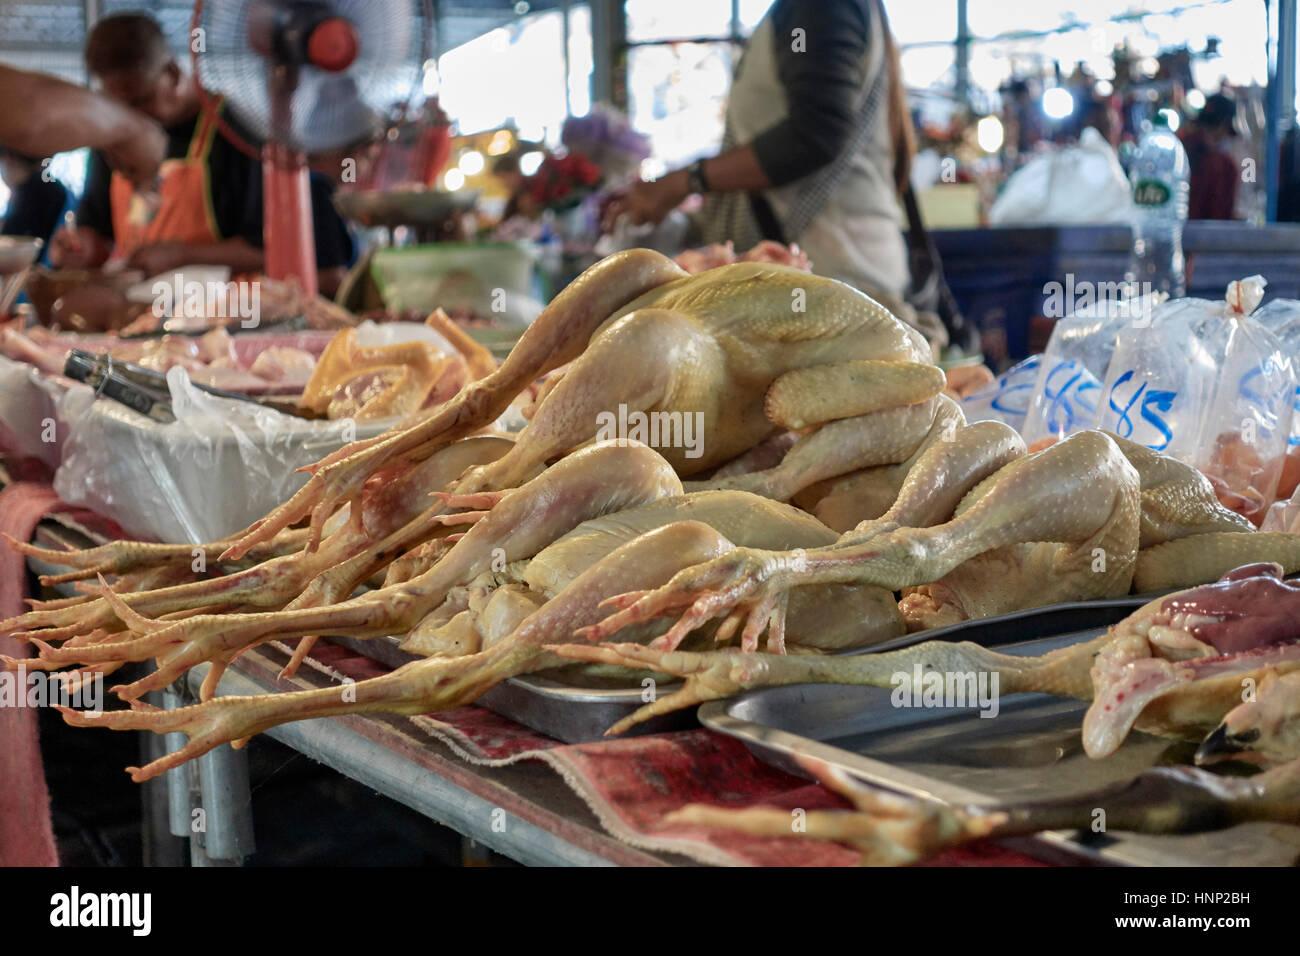 Fresh Market Chicken Sale